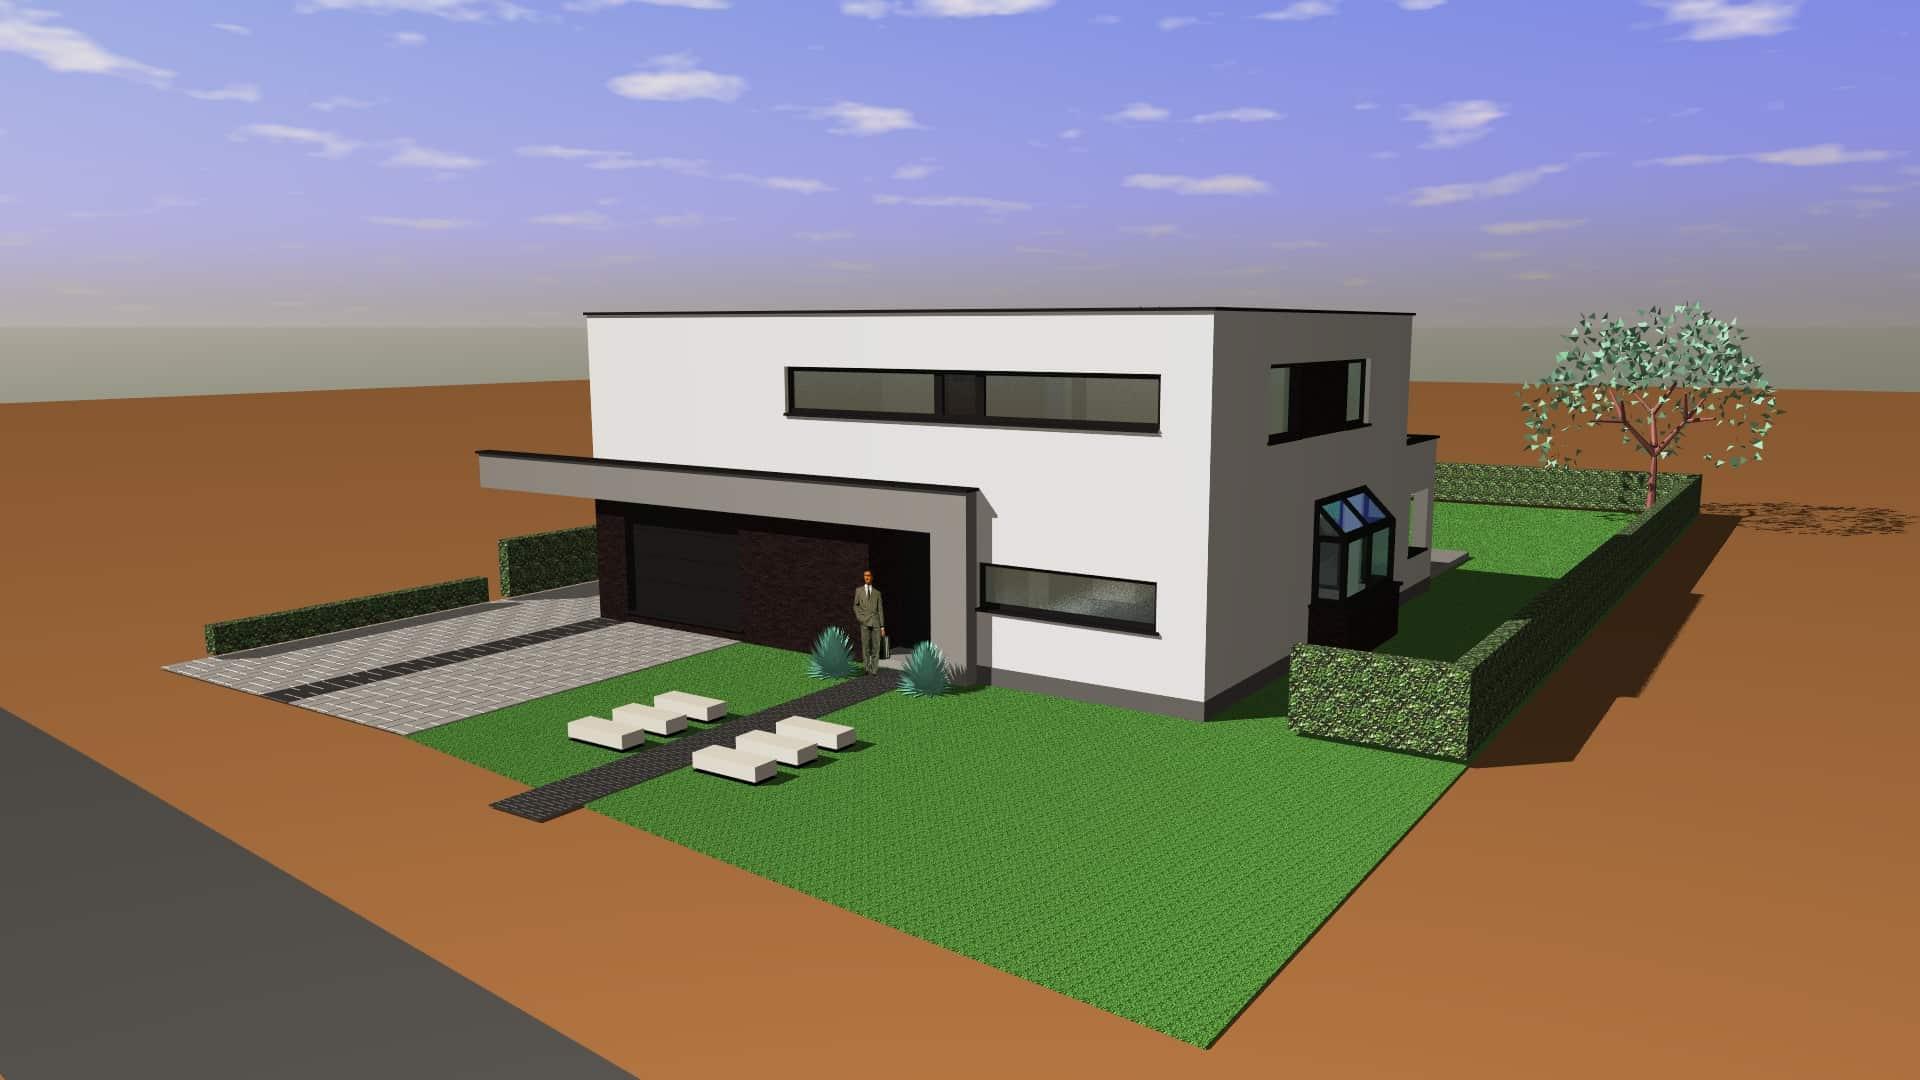 Detail afbeelding 6 van G & S   –   Transformatie Fermette tot Strakke woning   –   Zutendaal | Ontwerp door architect Patrick Strackx